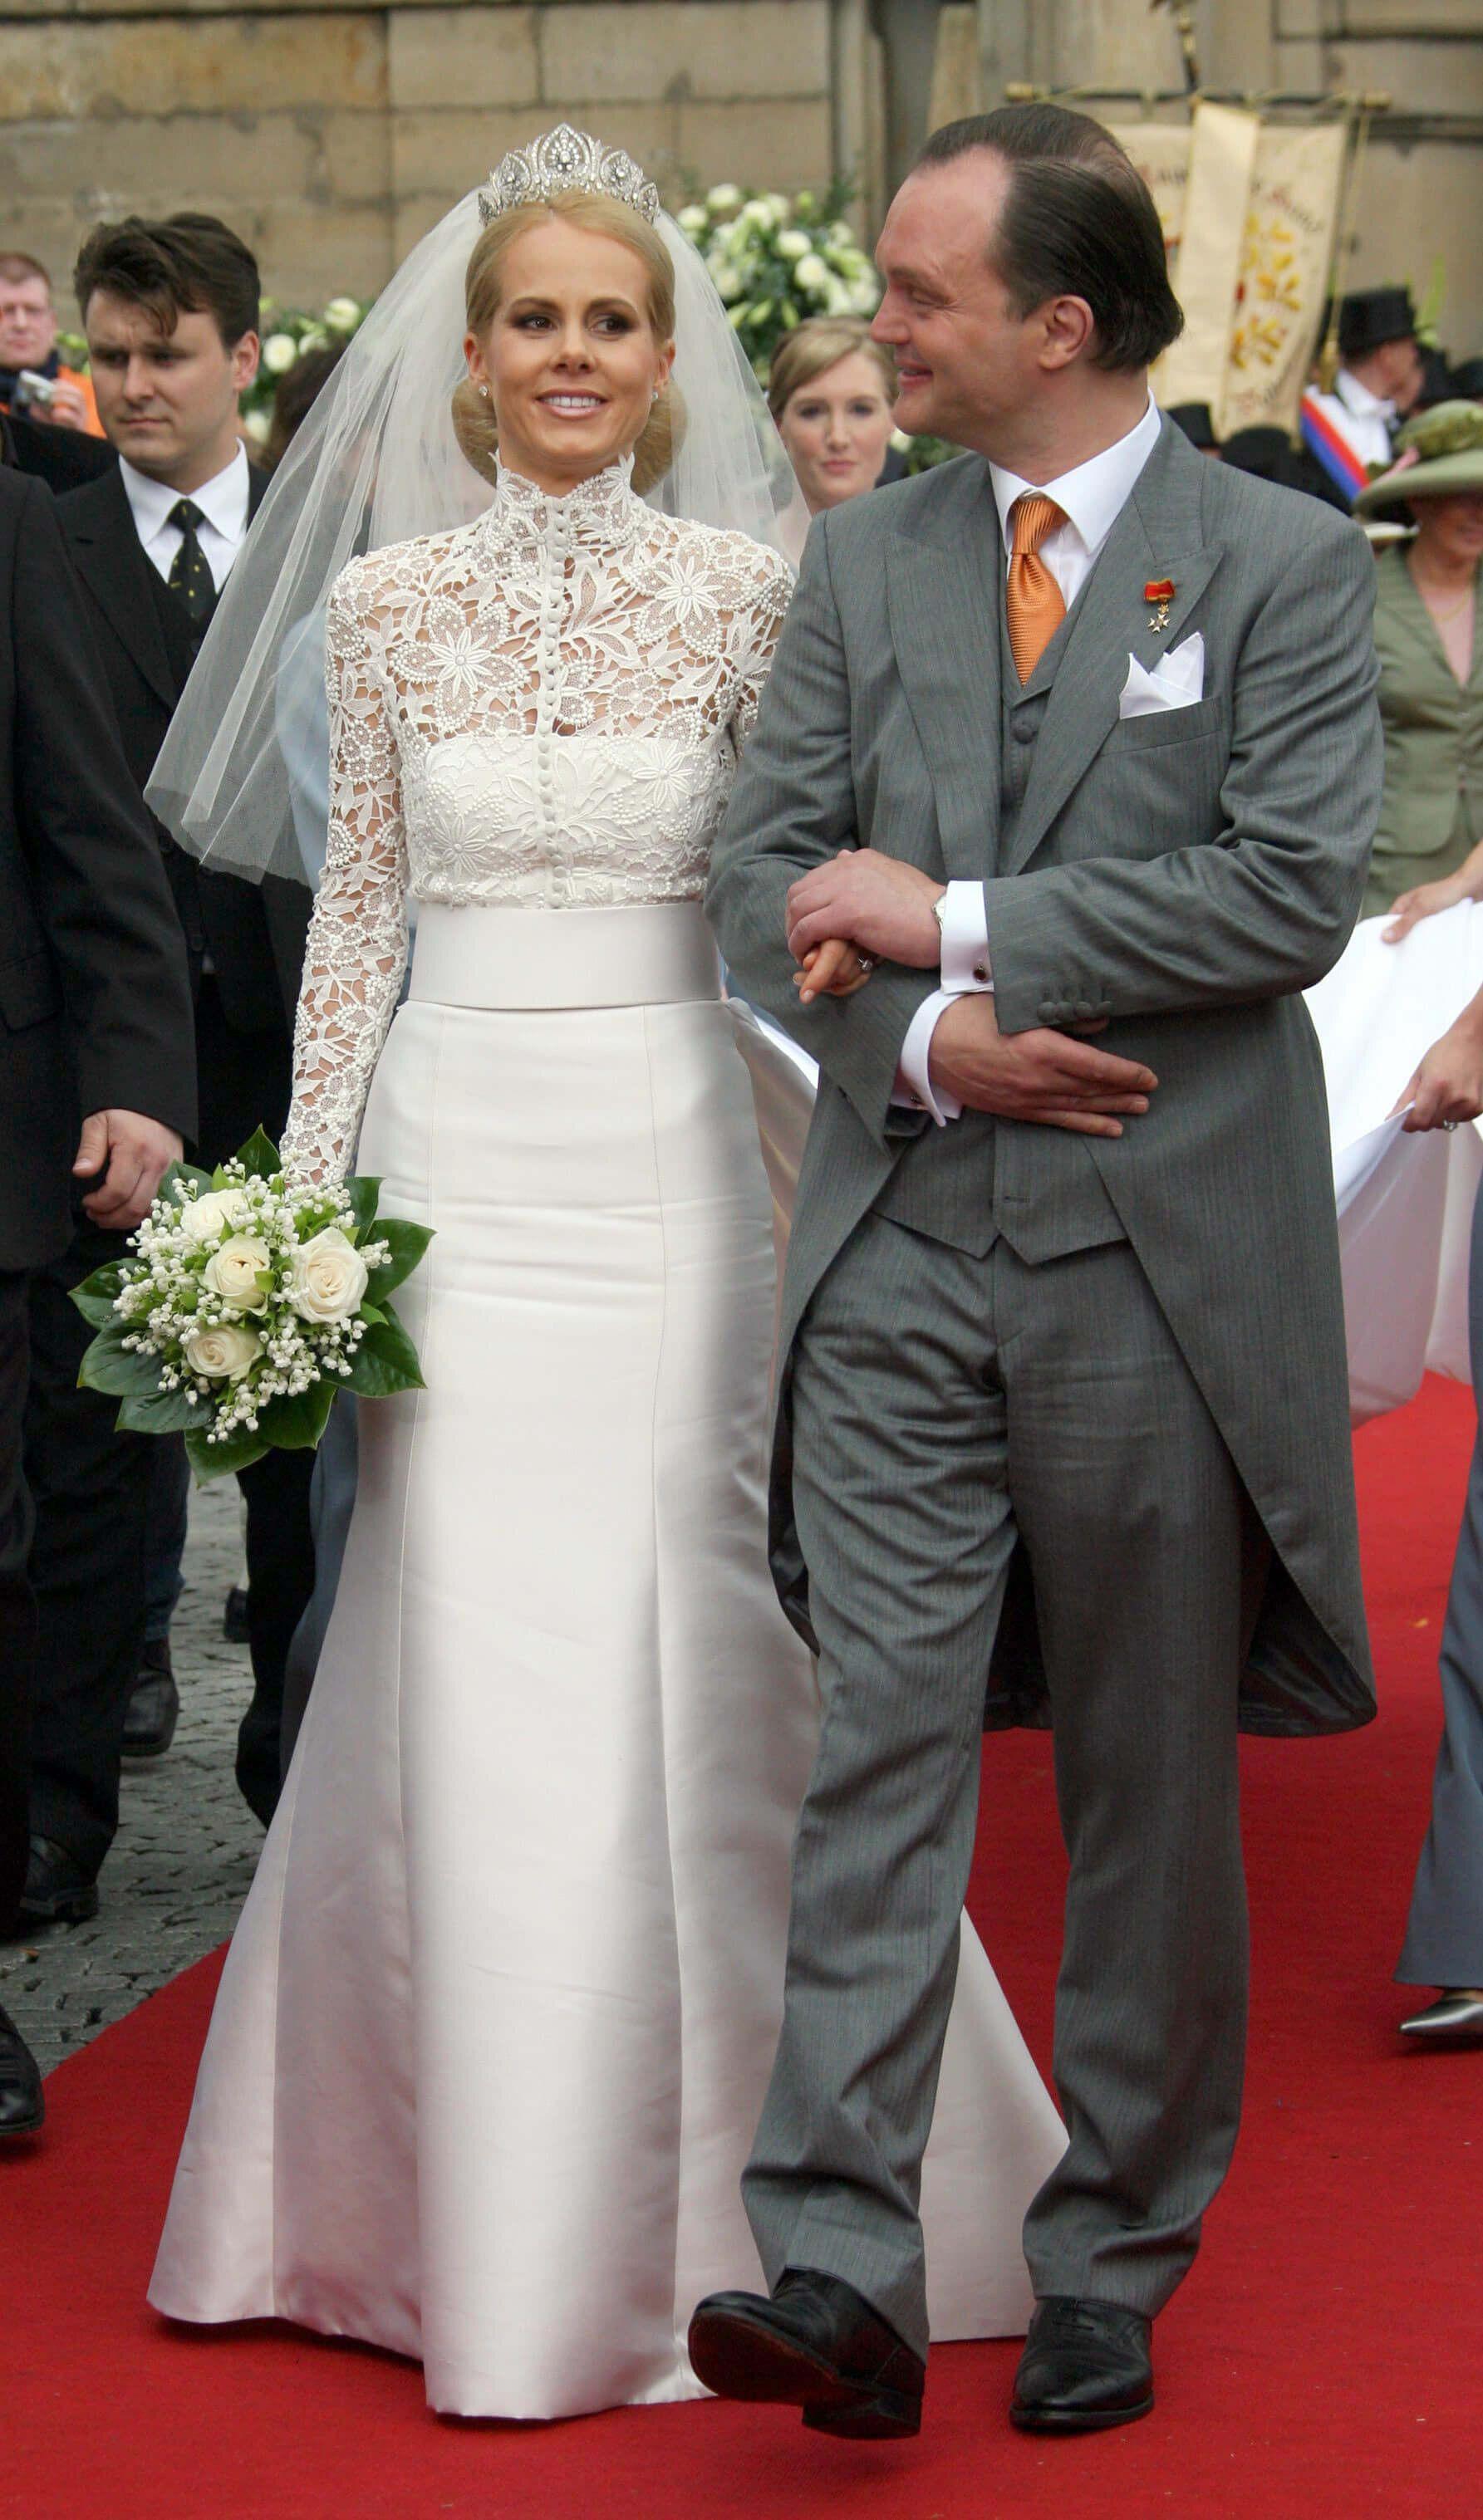 Hochzeitsfotos Prinz Harry Meghan Markle Die Offiziellen Fotos Sind Da Hochzeit Bilder Prinz Harry Hochzeit Konigliche Hochzeit